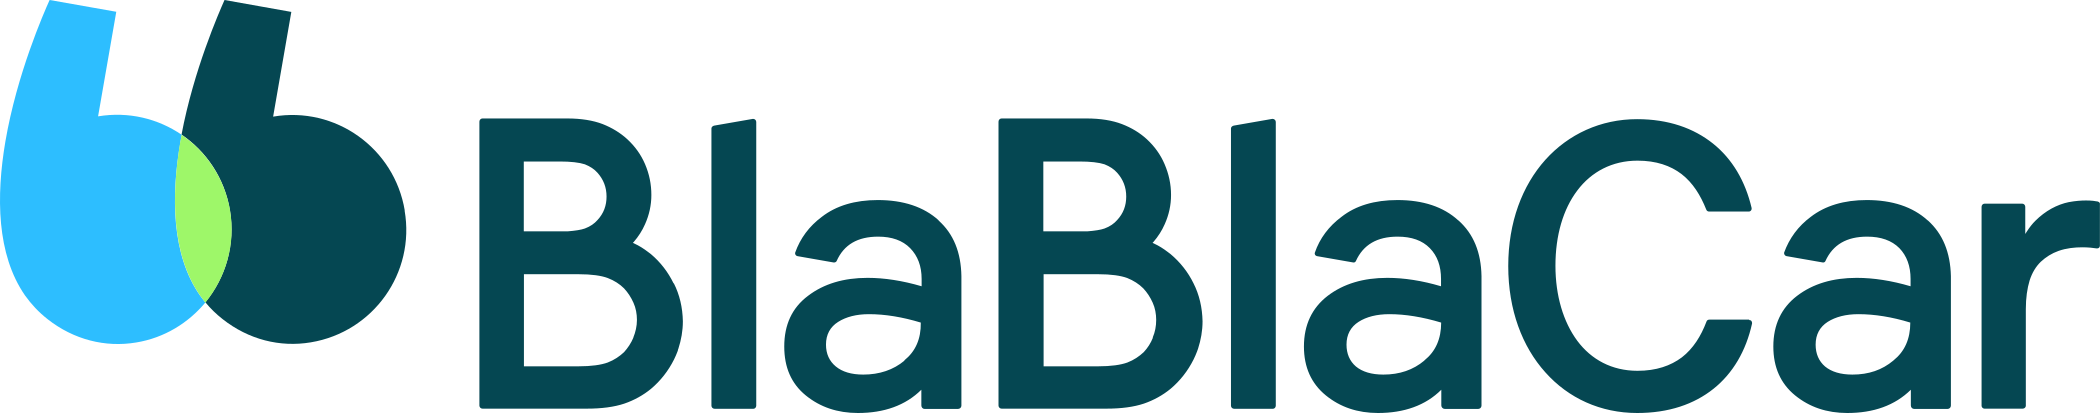 blablacar logo 2 1 - Bla Bla Car Logo